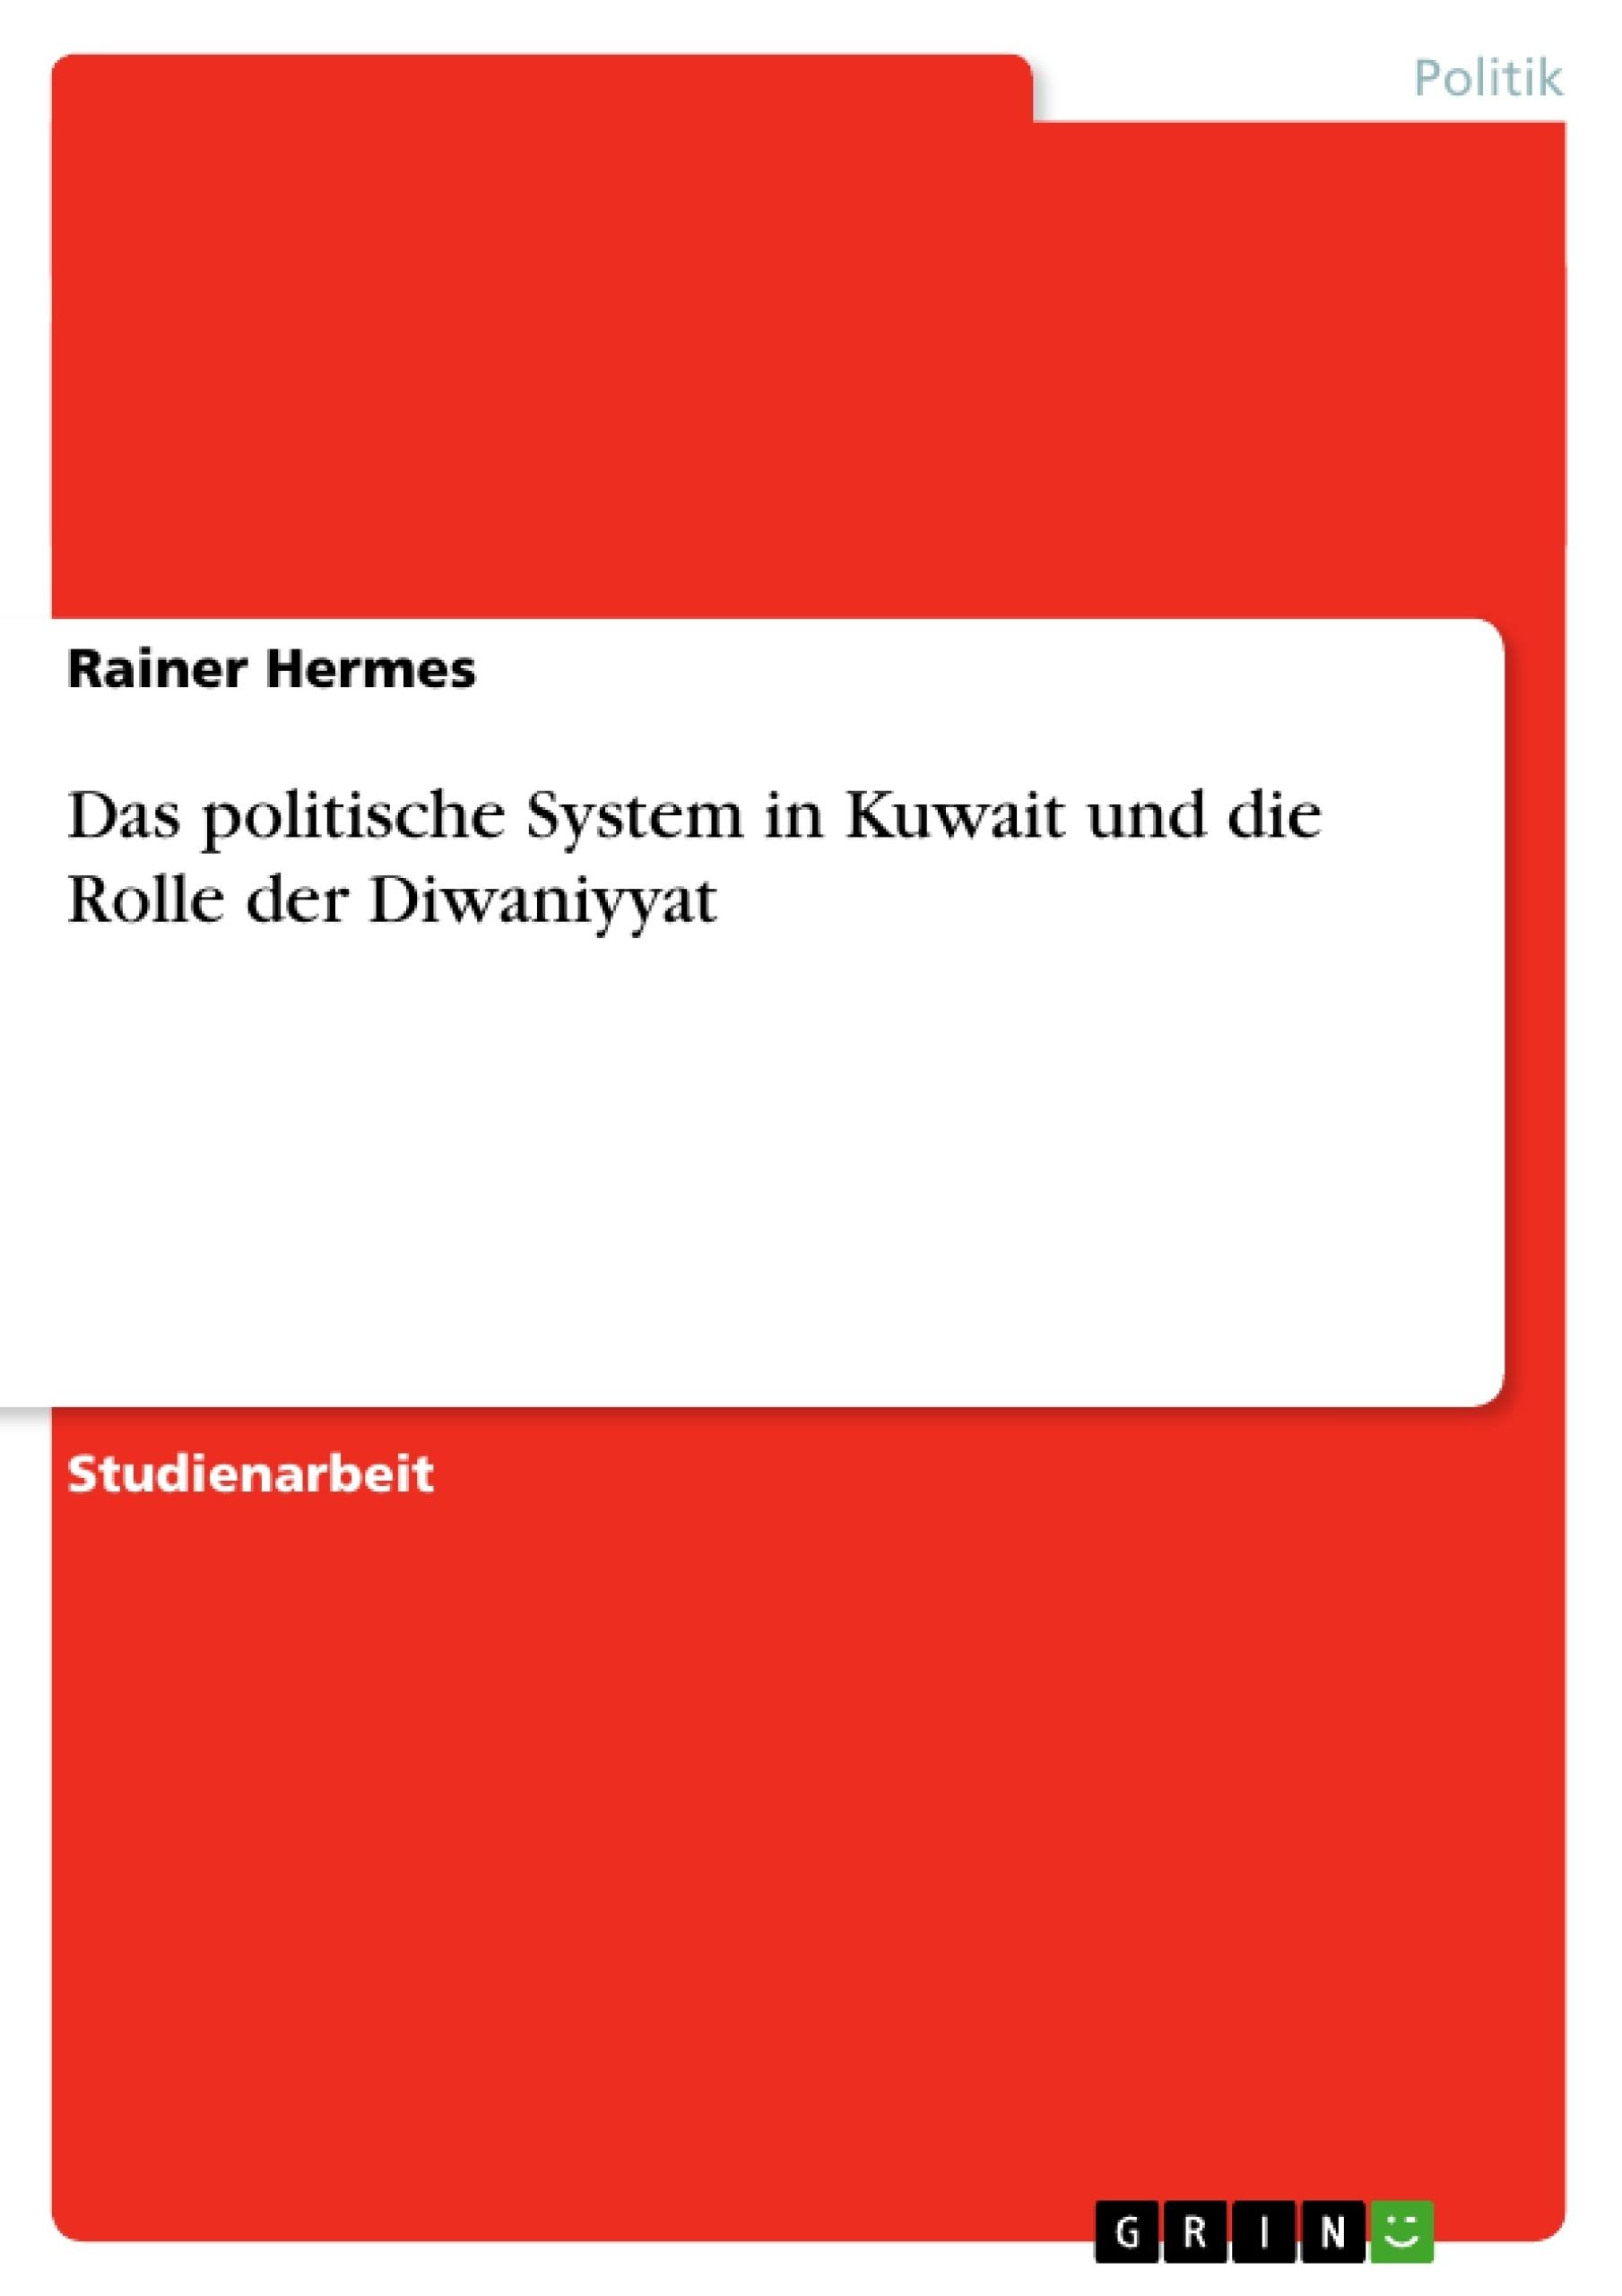 Titel: Das politische System in Kuwait und die Rolle der Diwaniyyat